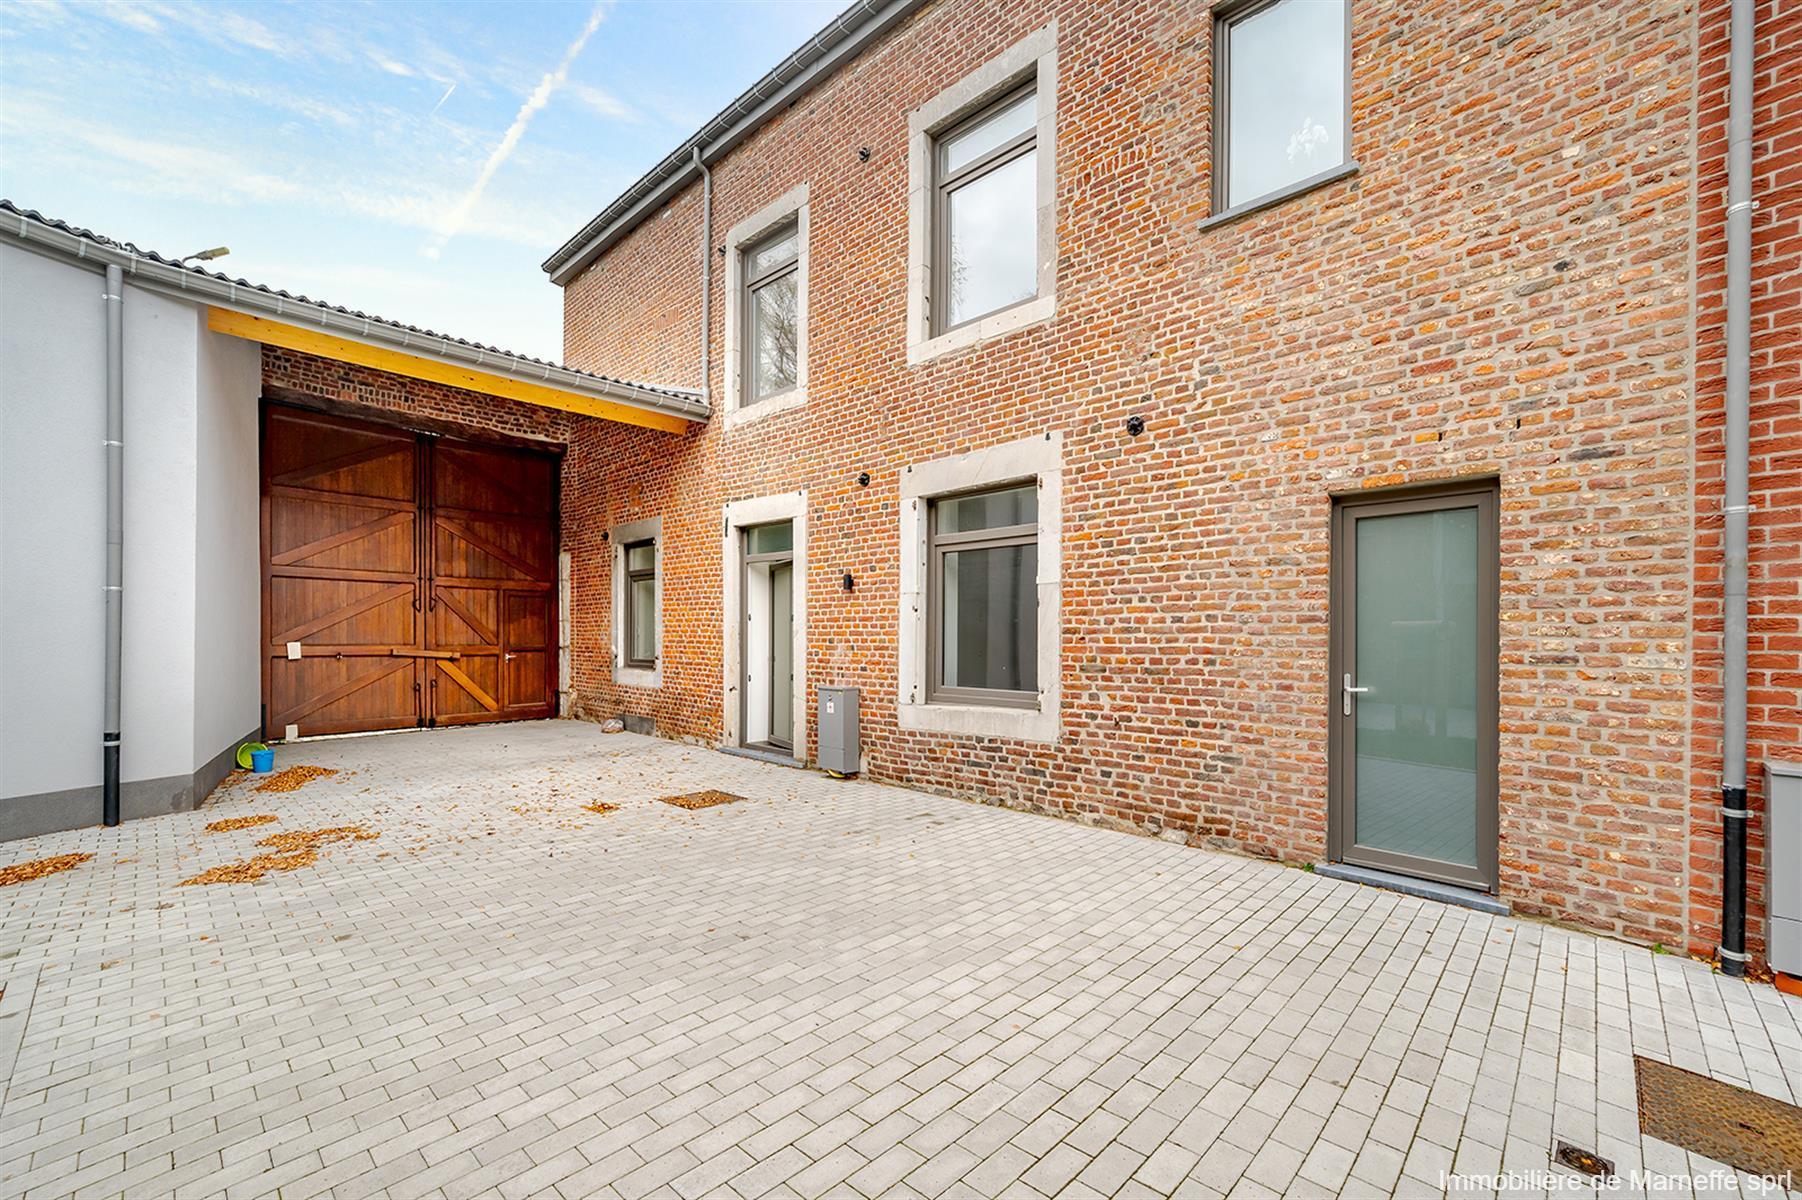 Maison - Grâce-Hollogne Velroux - #4325744-26